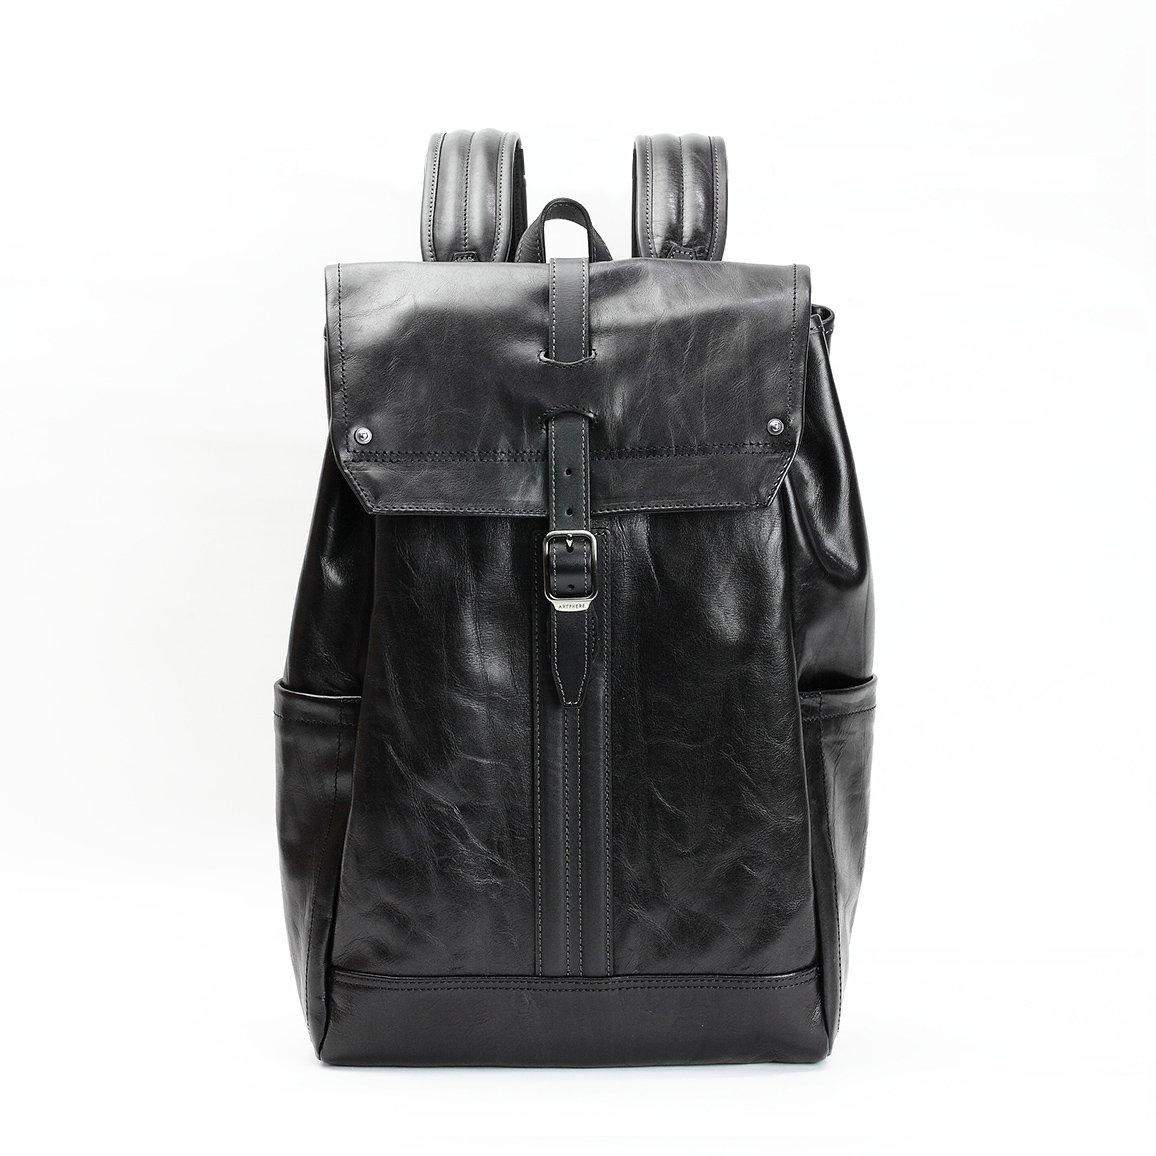 7c5f6b89c63a [アートフィアー] リュック 豊岡鞄 本革 アンビションライン メンズ レディース B013OBH51S ブラック(